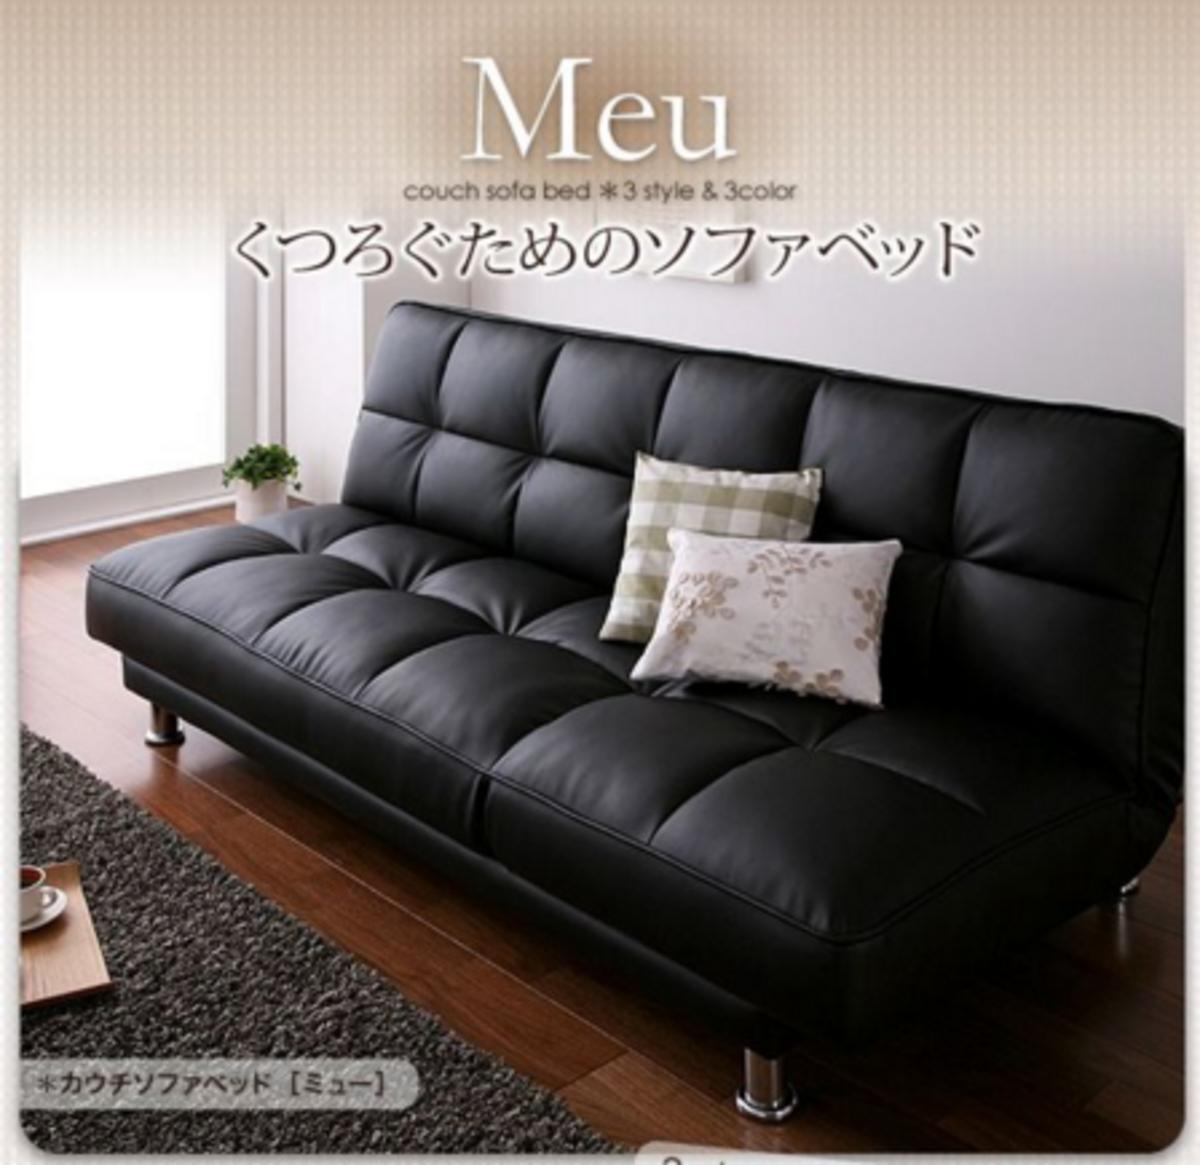 日式折疊仿皮梳化床(黑色)